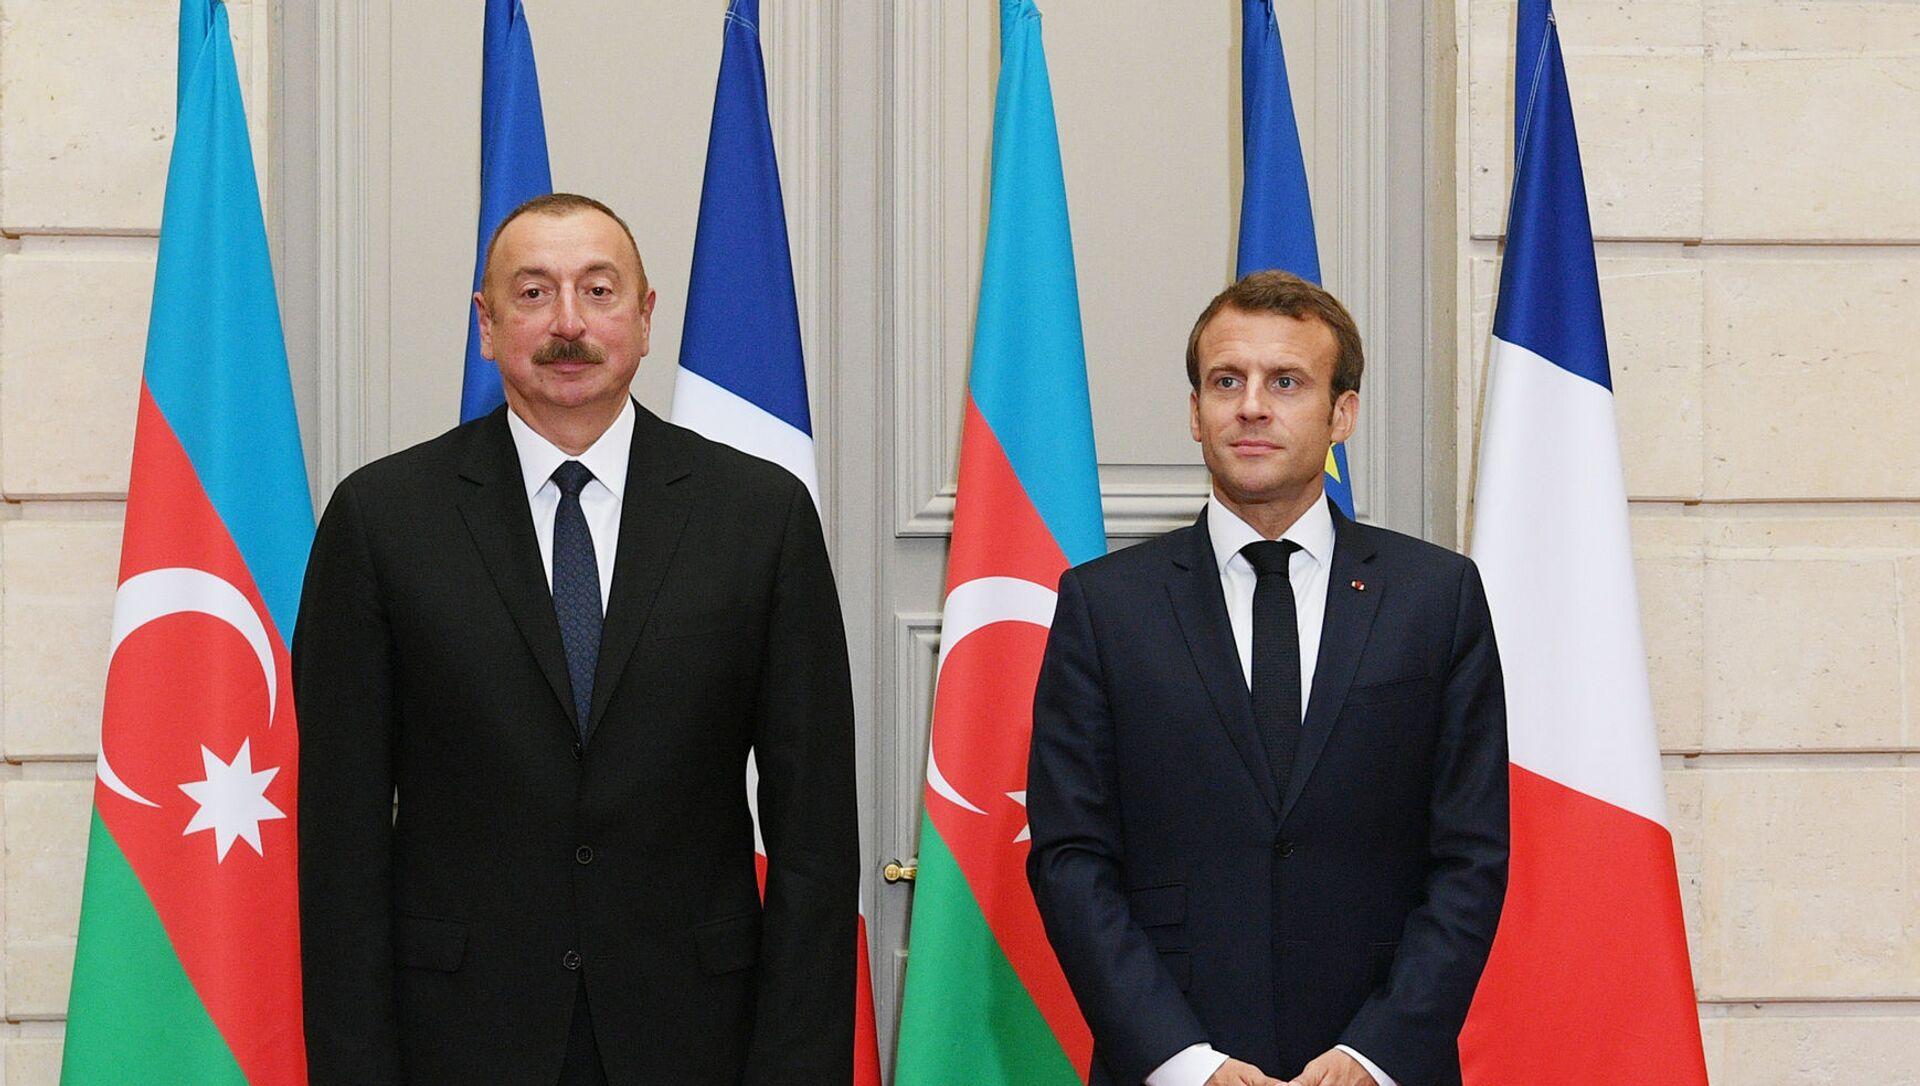 Президент Азербайджана Ильхам Алиев и Президент Франции Эммануэль Макрон - Sputnik Азербайджан, 1920, 05.08.2021